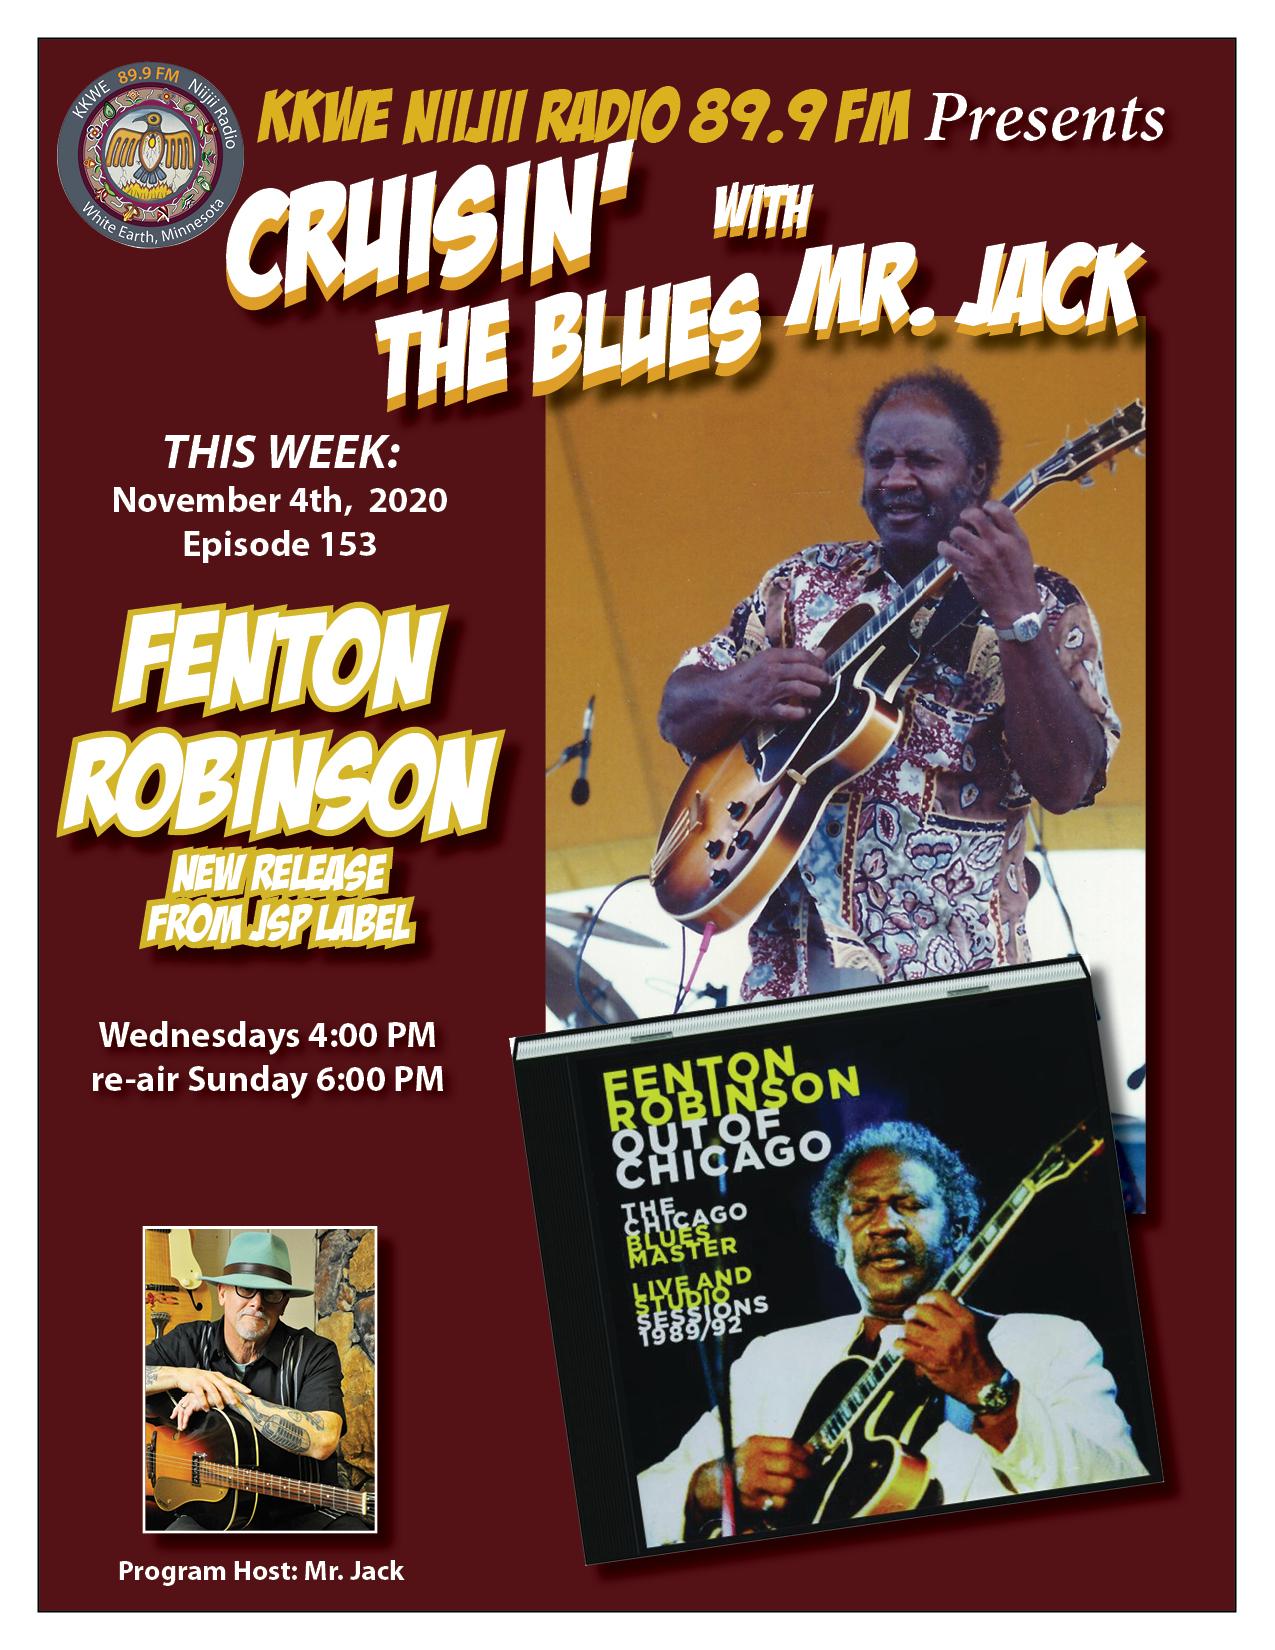 EP153 Fenton Robinson (revisted)